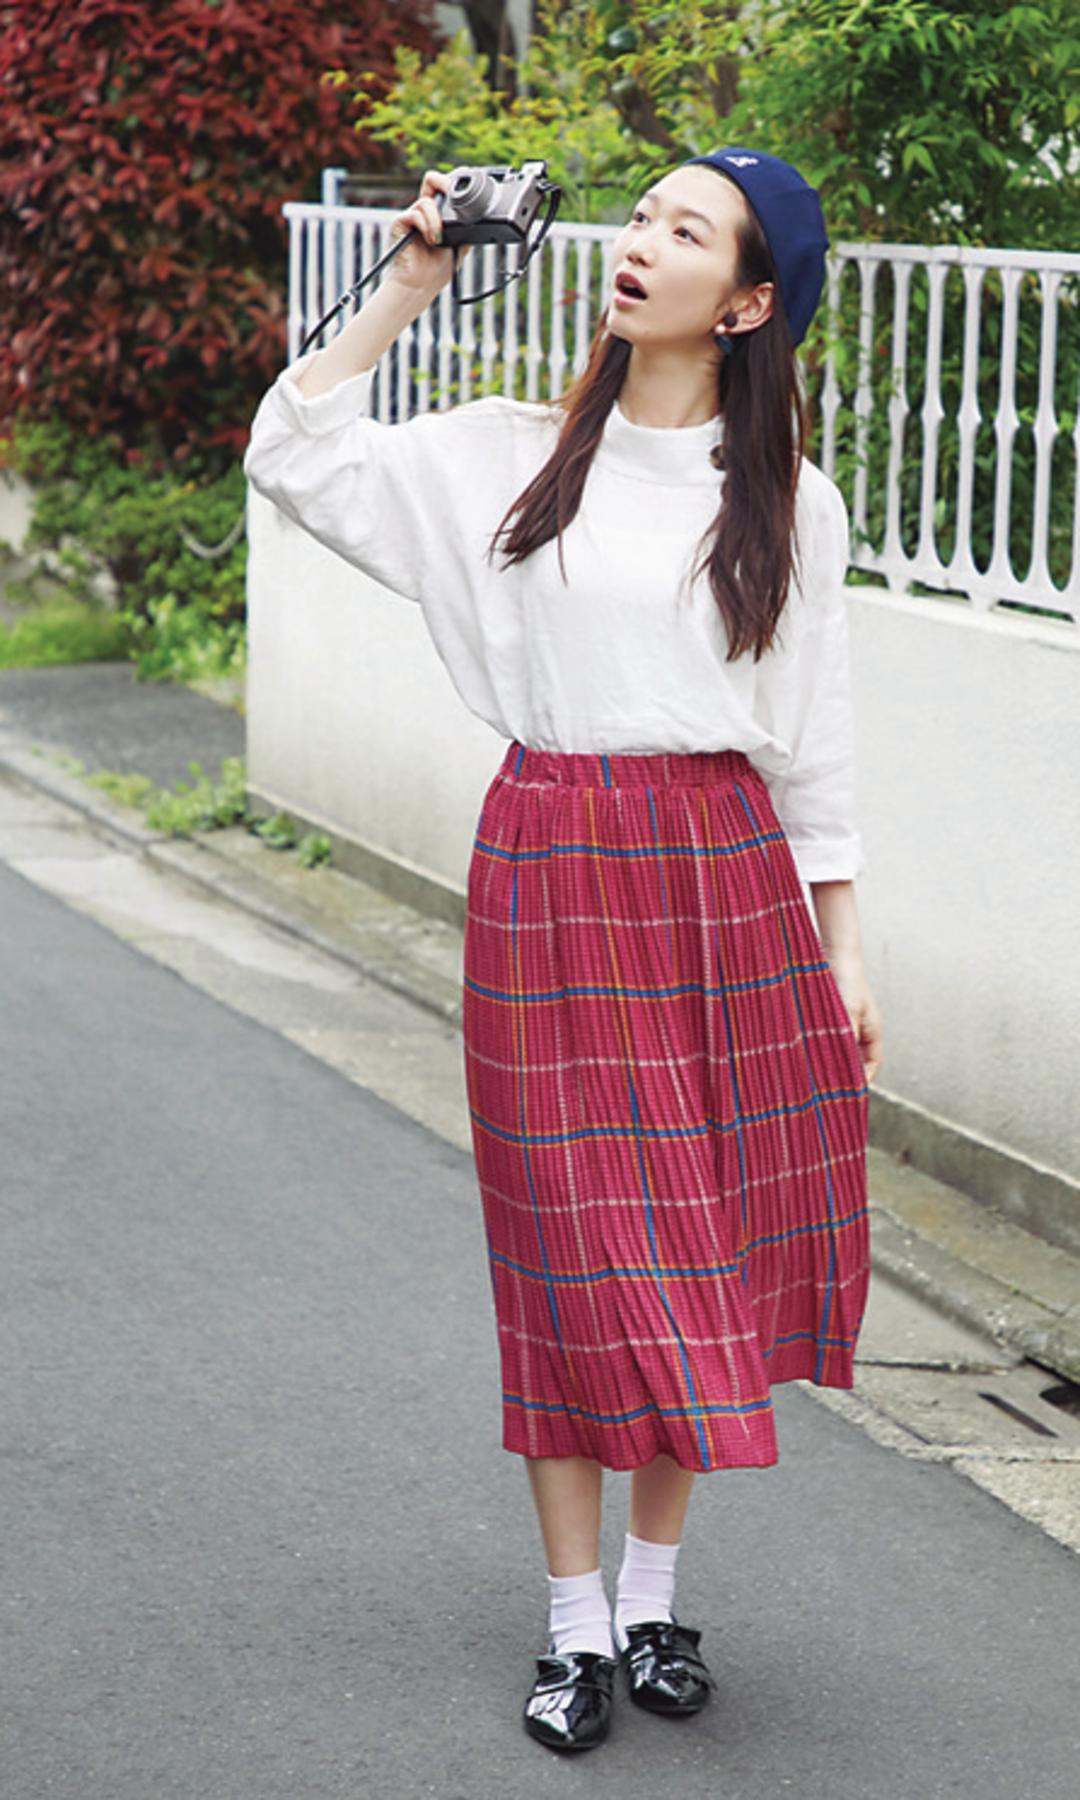 夏美は文化系女子っぽコーデでお散歩に❤